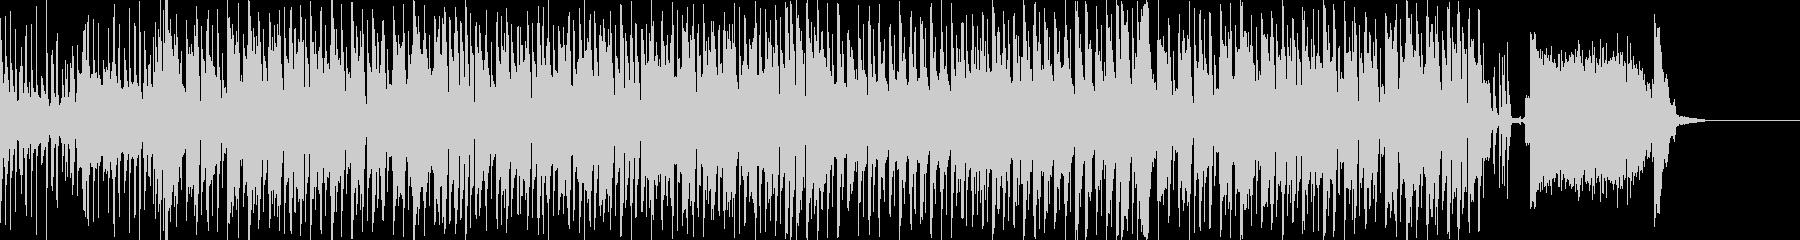 ミステリアスなエレクトロスウィングの未再生の波形